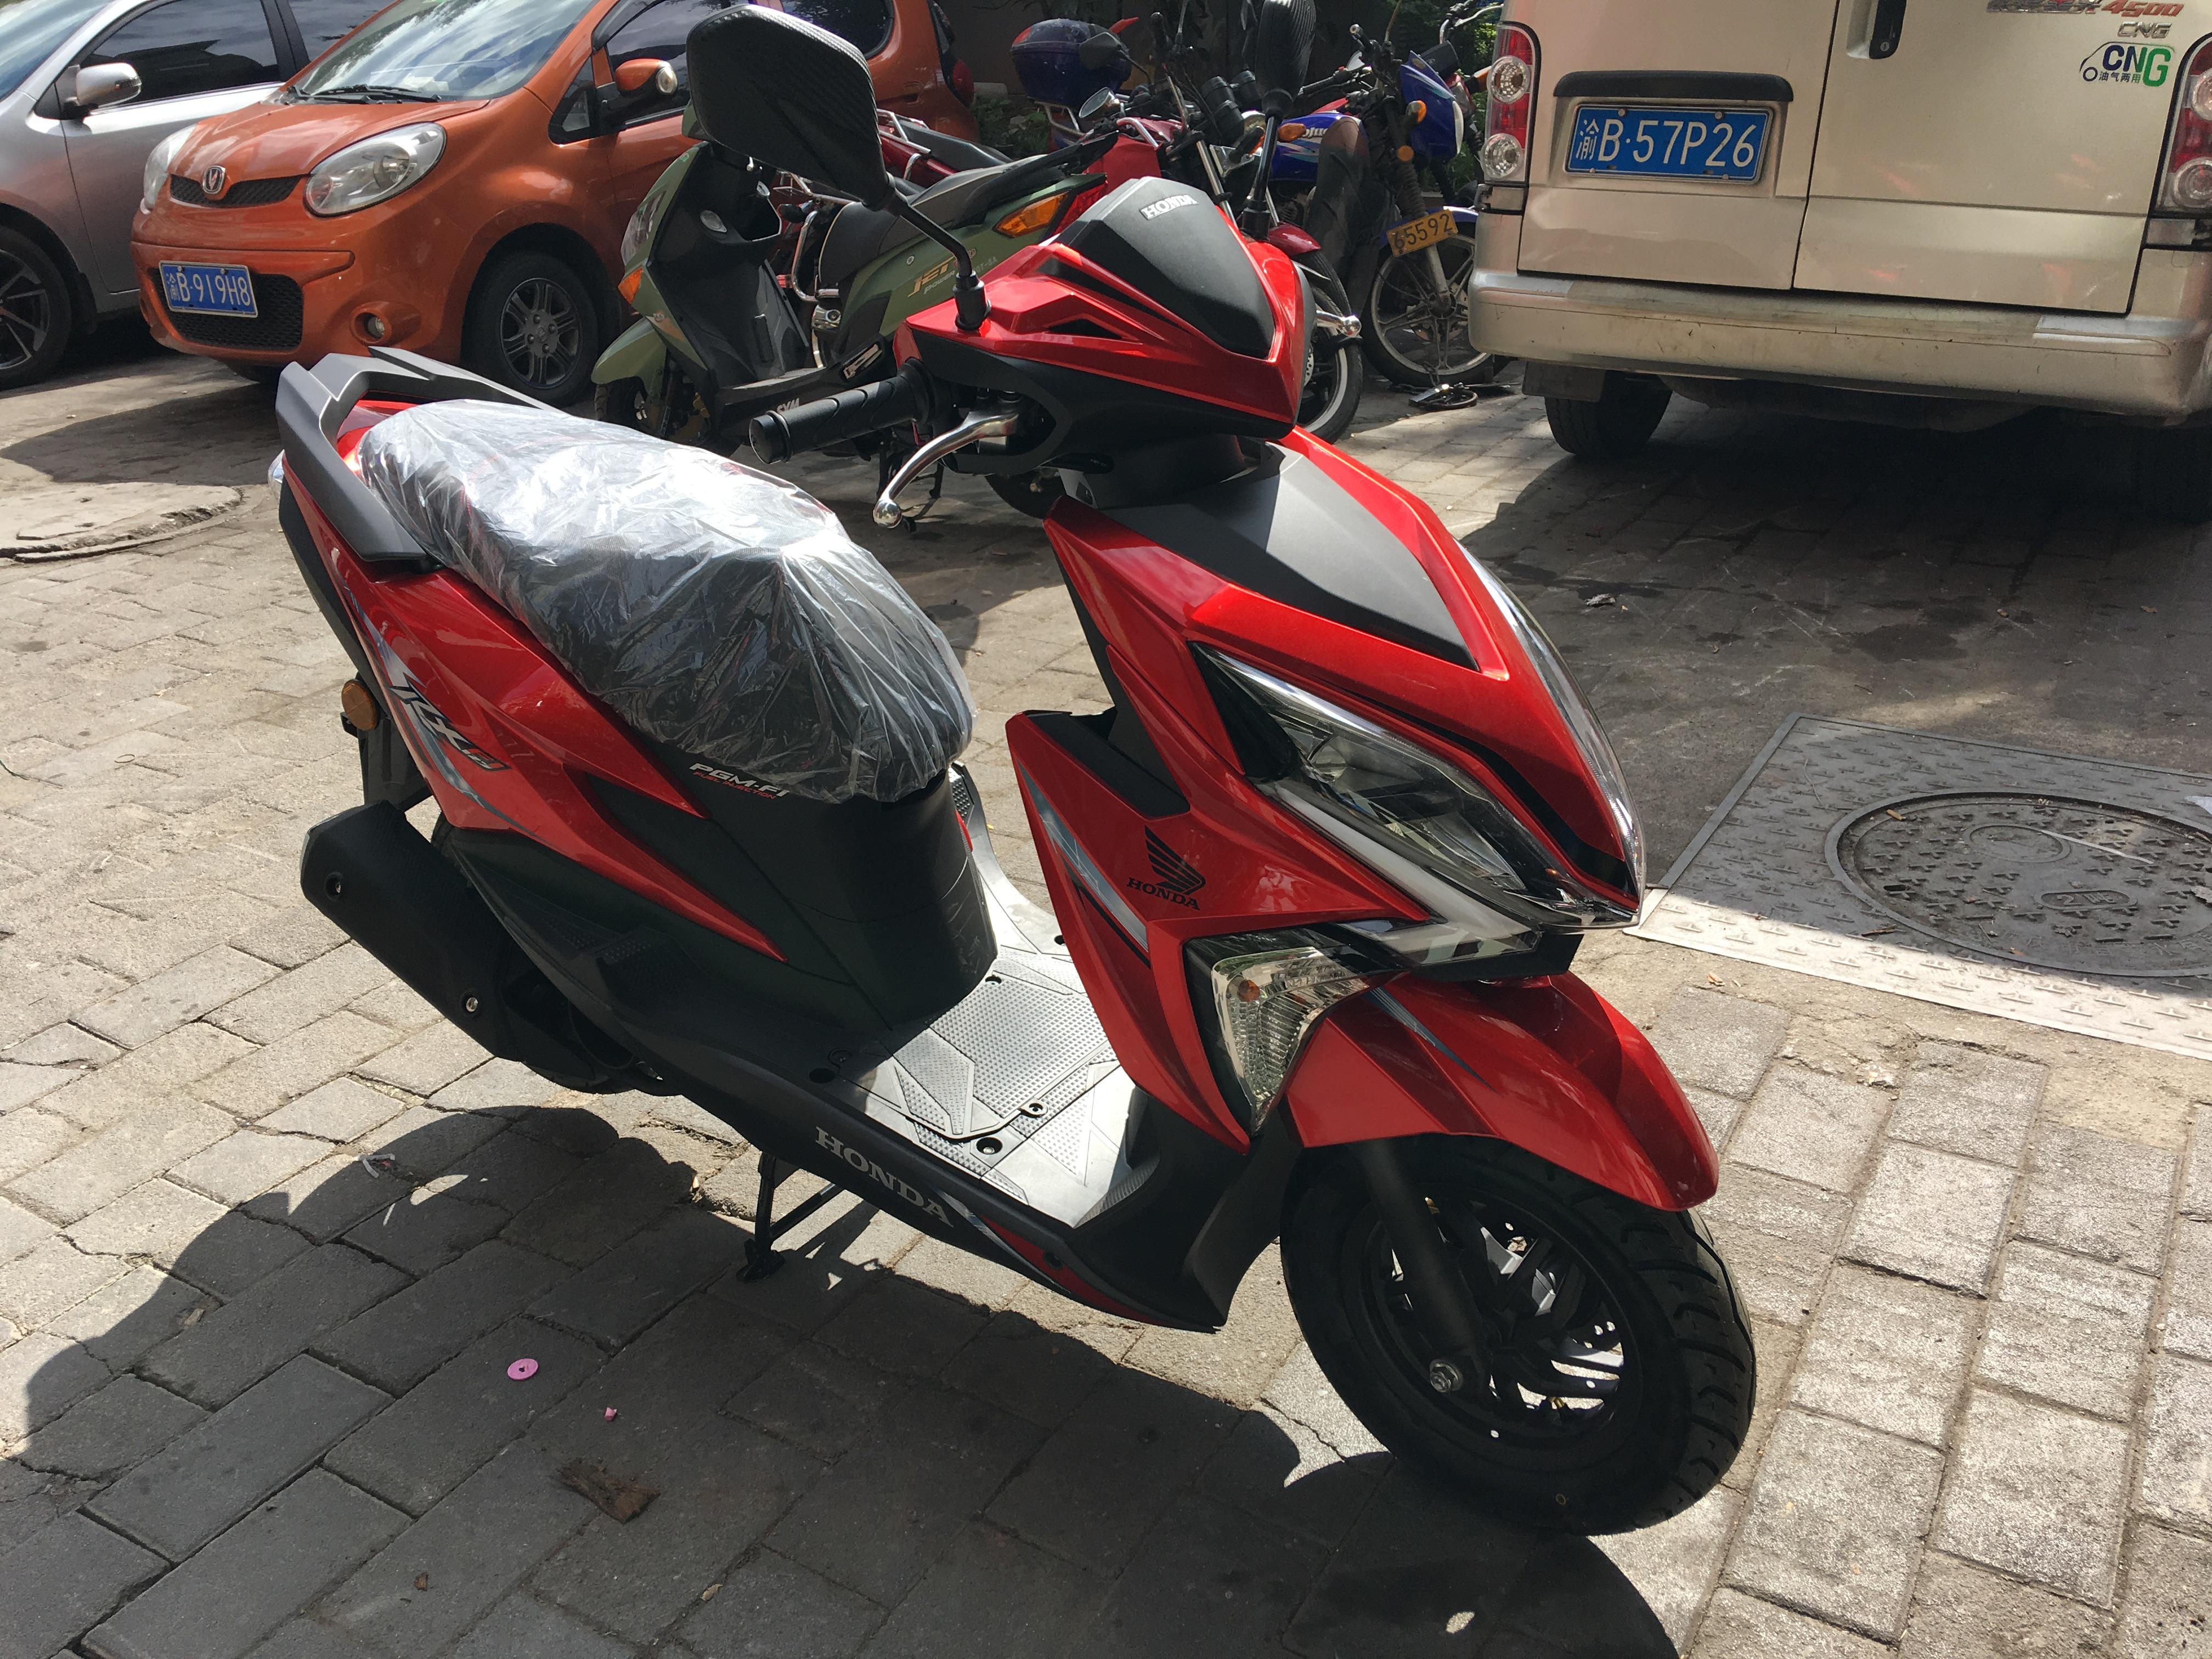 电动车 摩托 摩托车 4032_3024